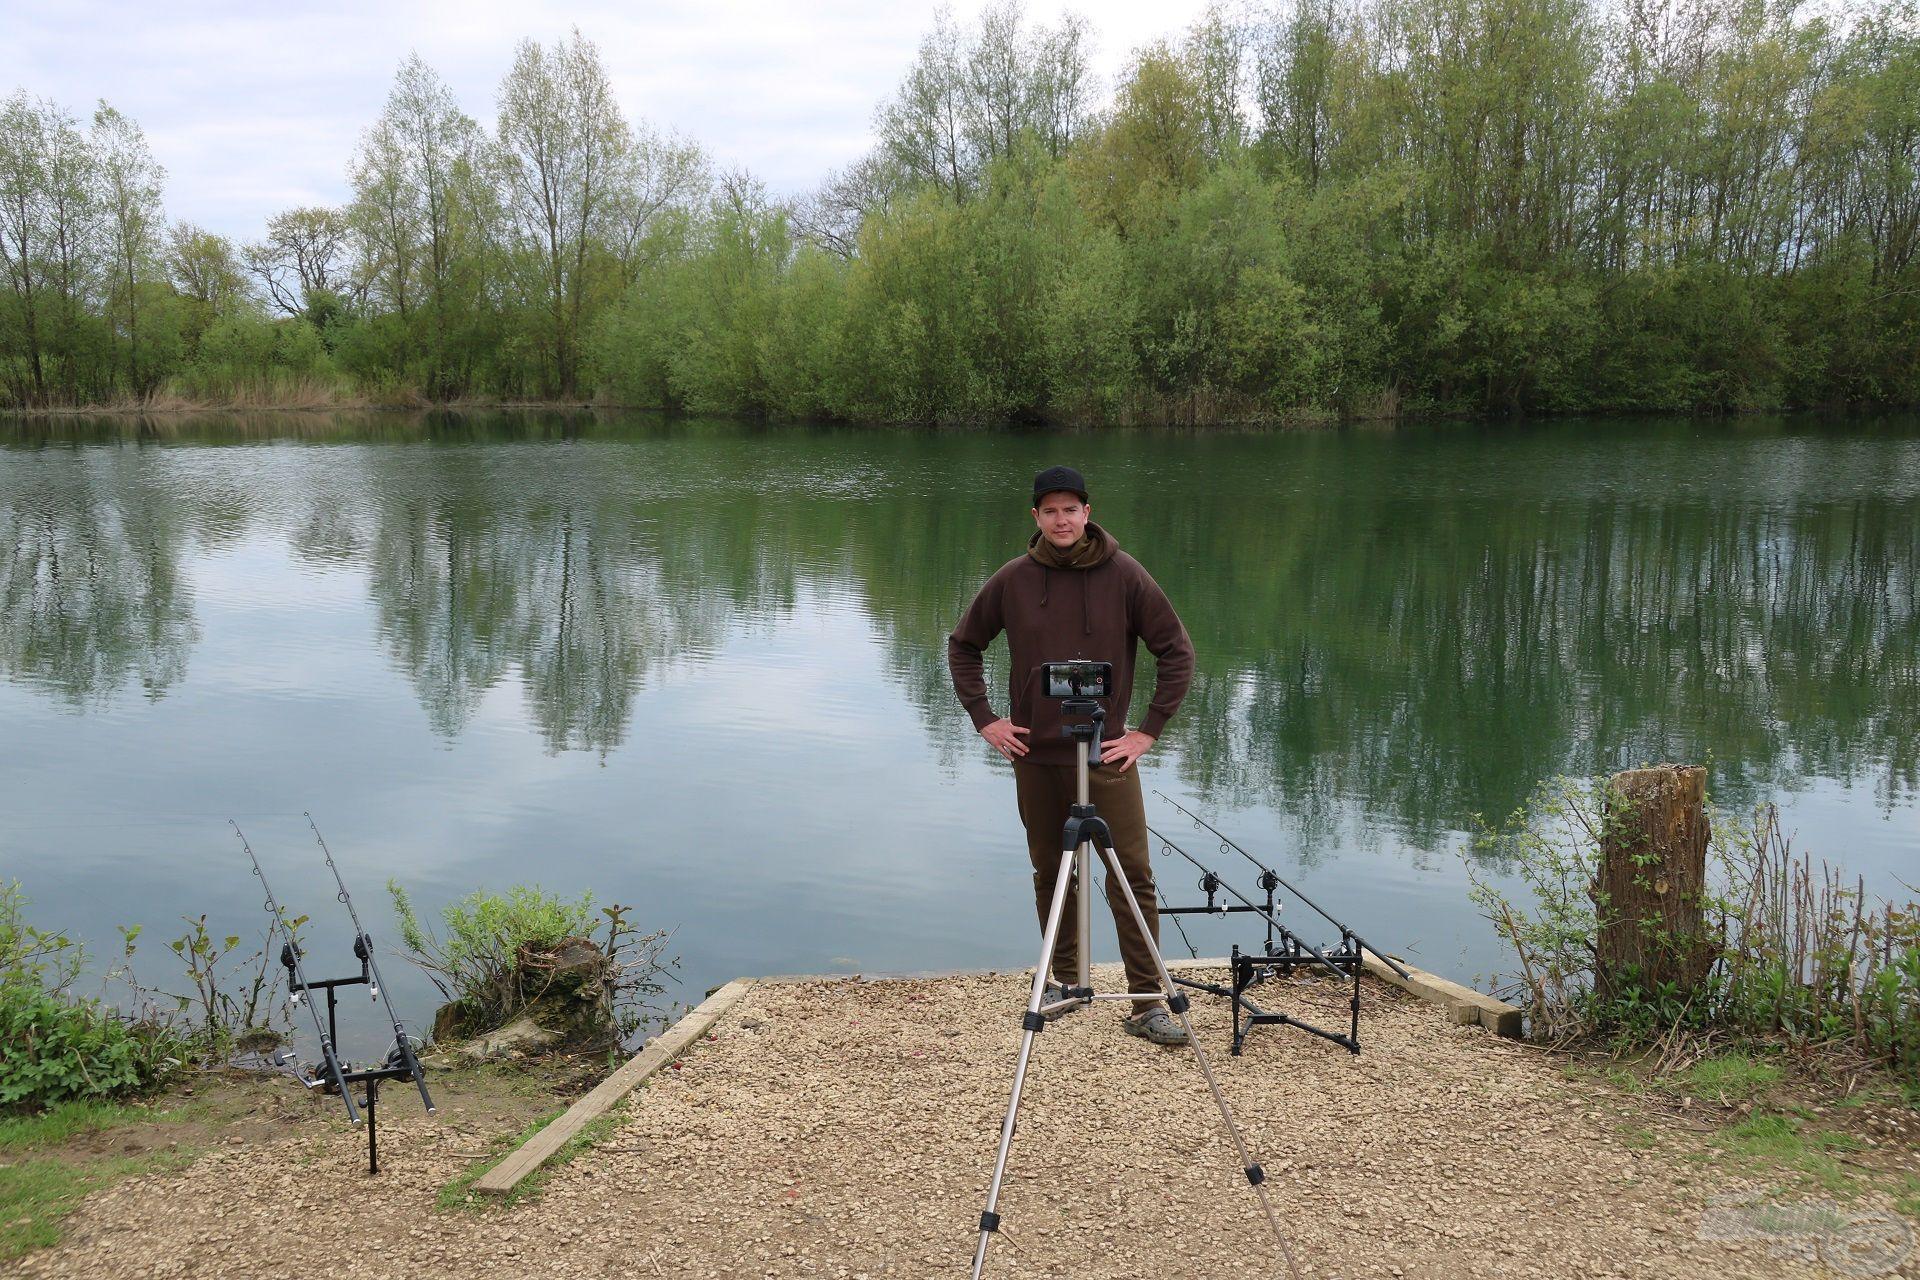 Tekintsétek meg a horgászatról készült kisfilmünket is!